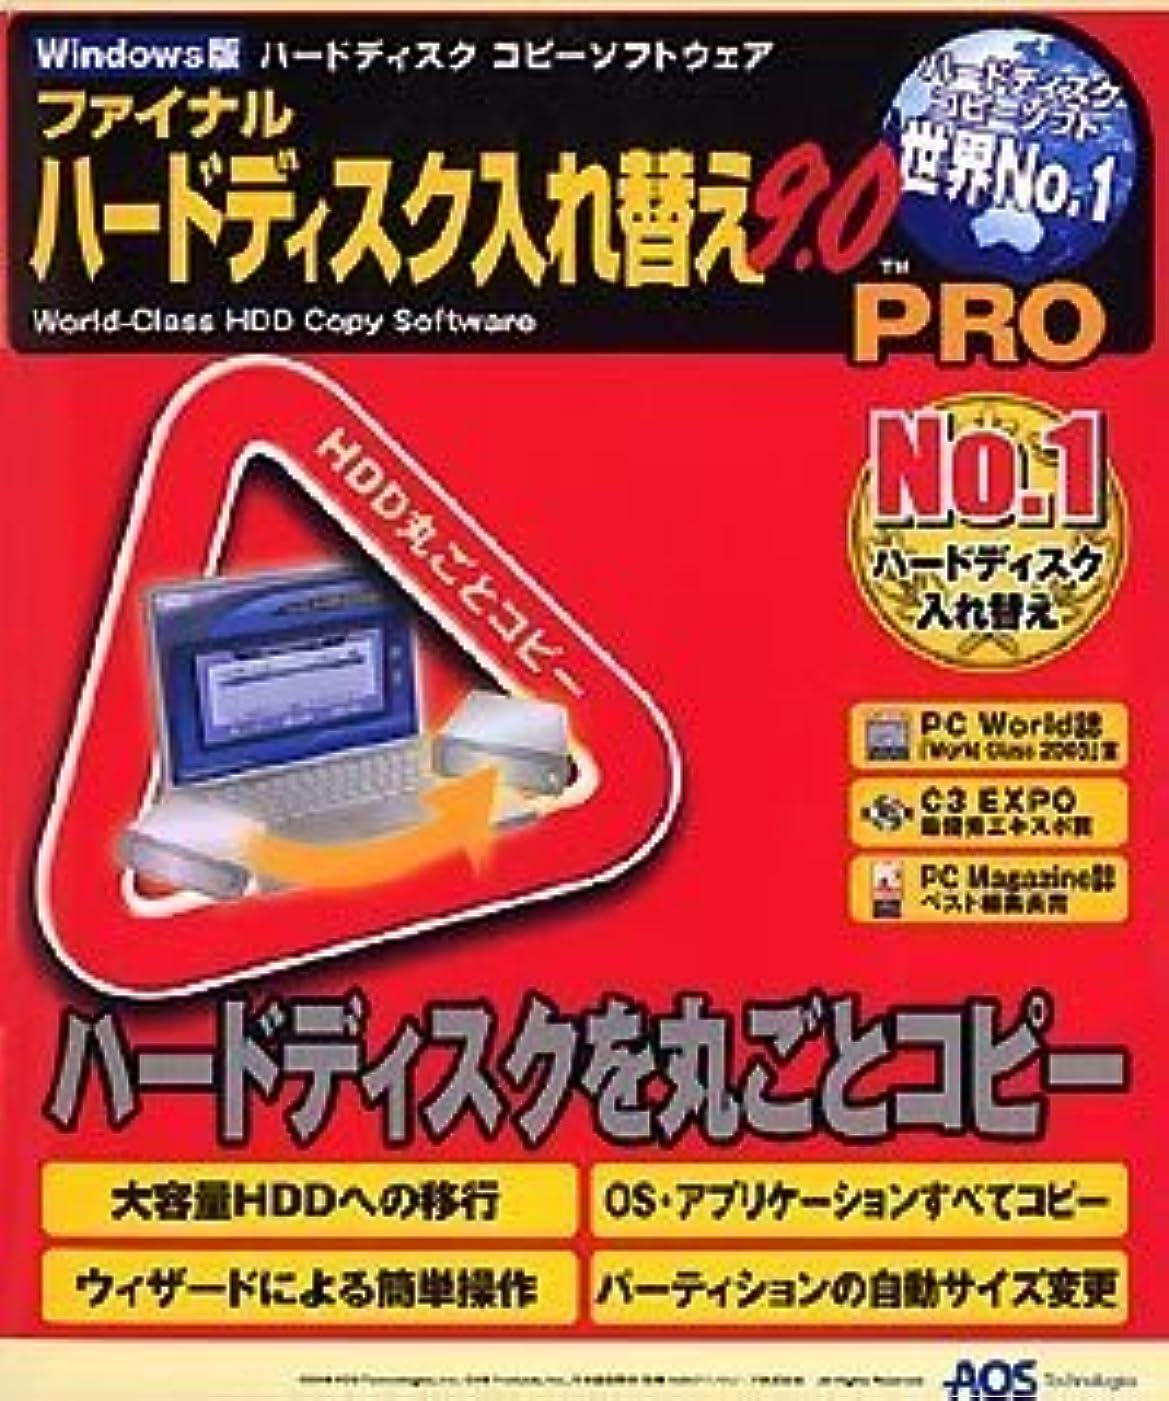 ファイナルハードディスク入れ替え9.0 PRO